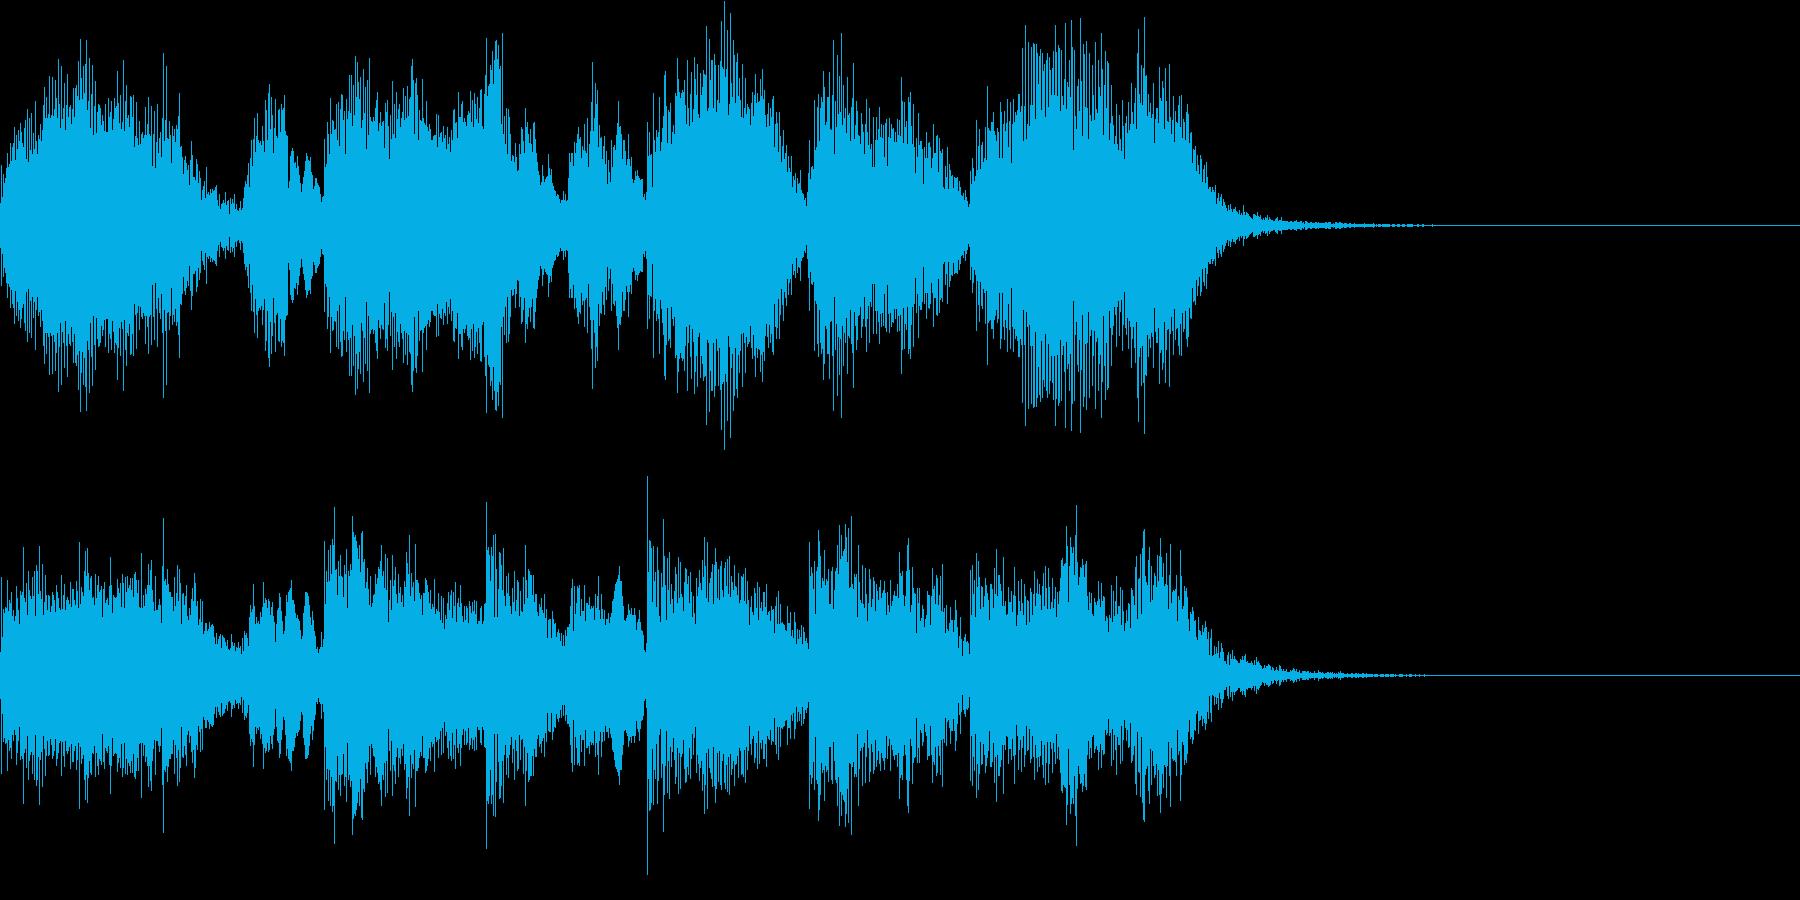 ブラスバンドのファンファーレ風ジングルの再生済みの波形